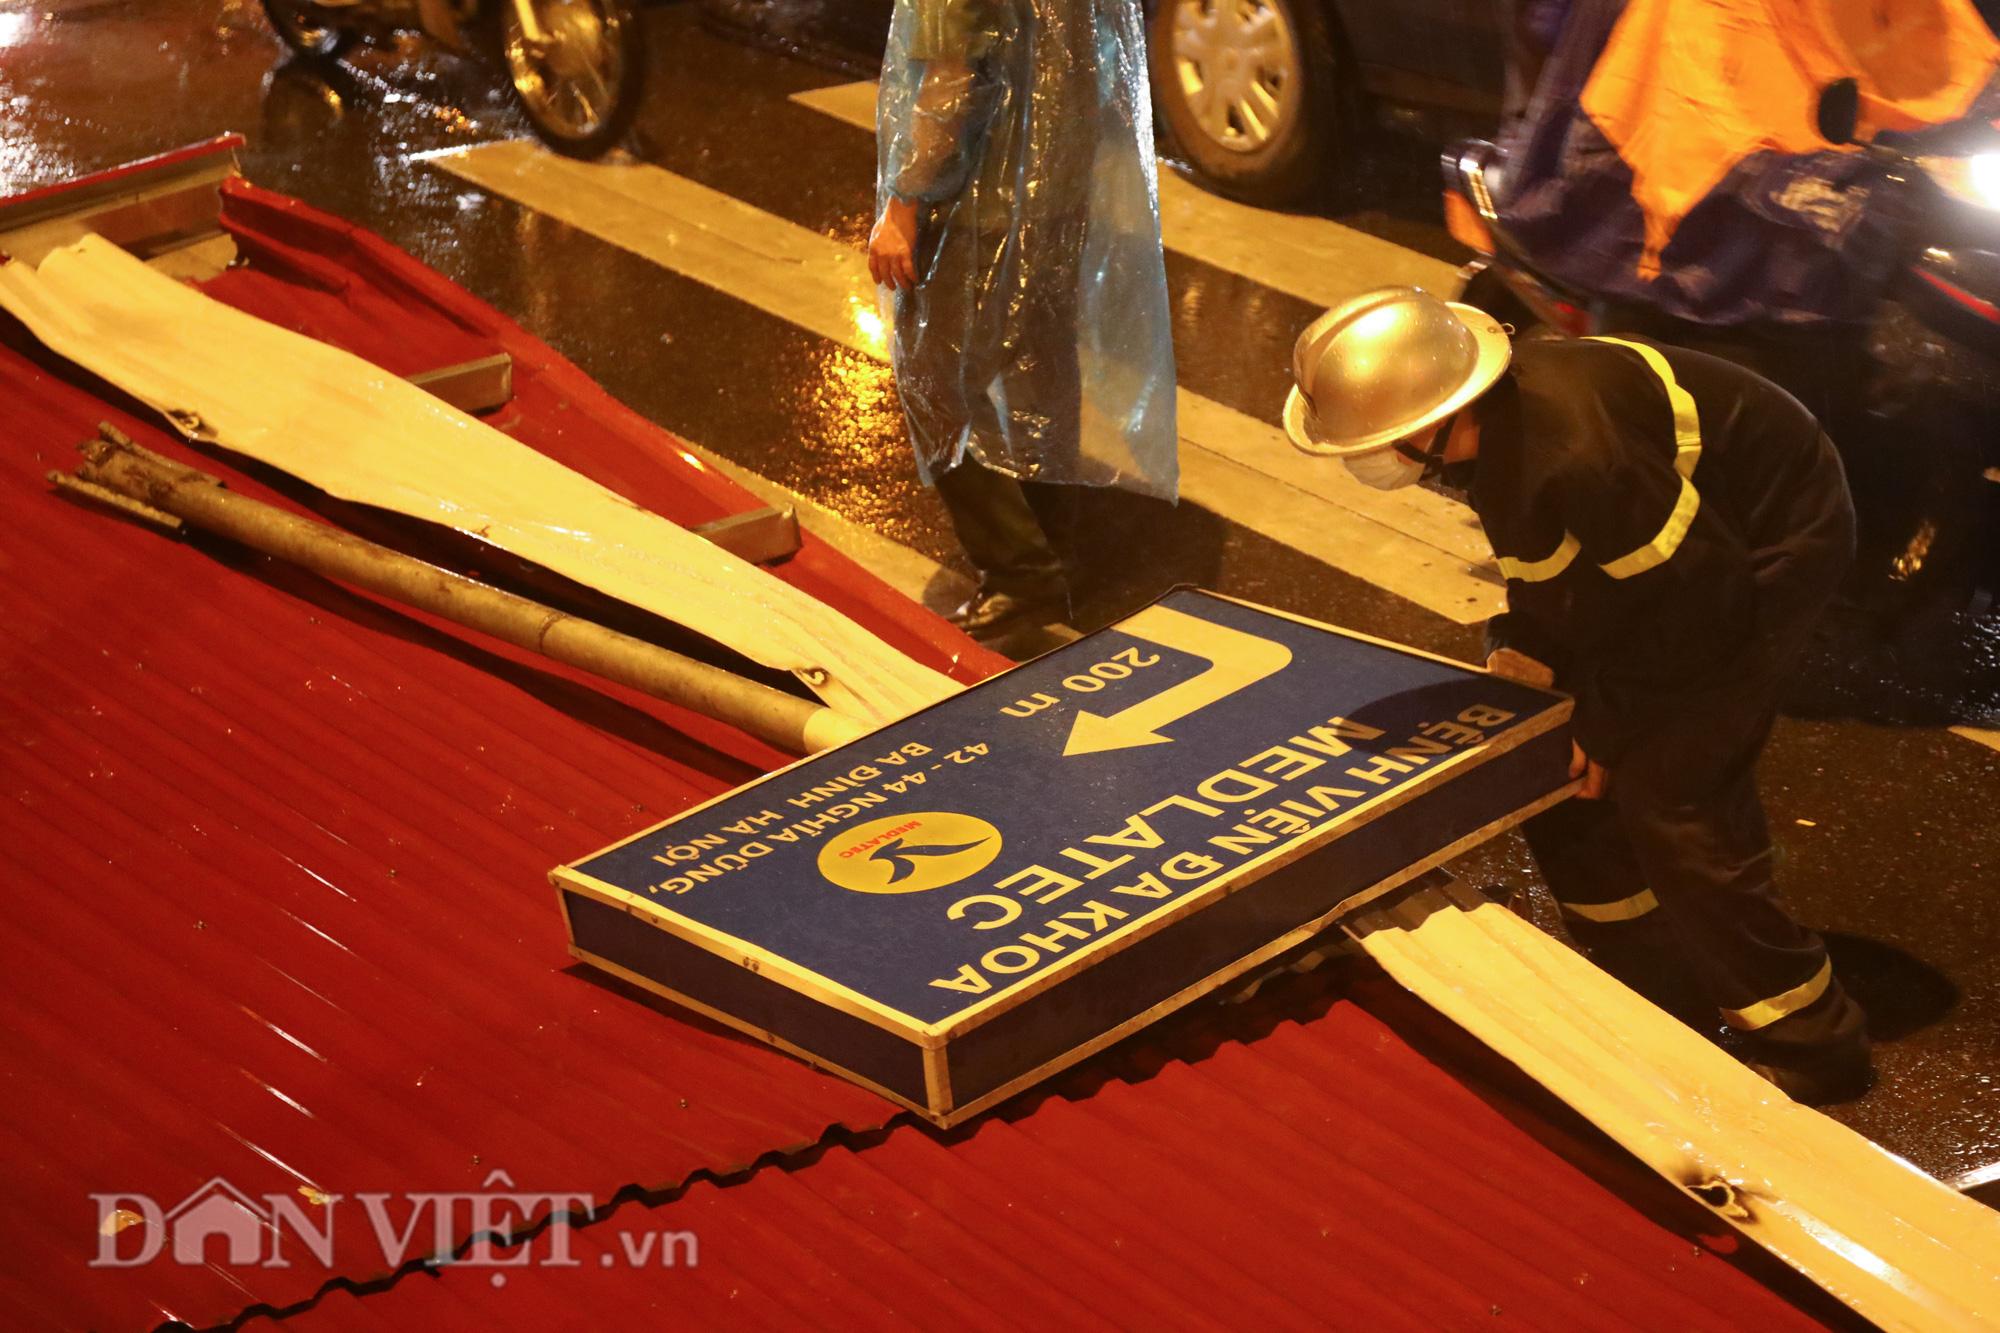 Đội mưa giông dọn mái tôn bay xuống giữa đường gốm sứ Hà Nội - Ảnh 9.